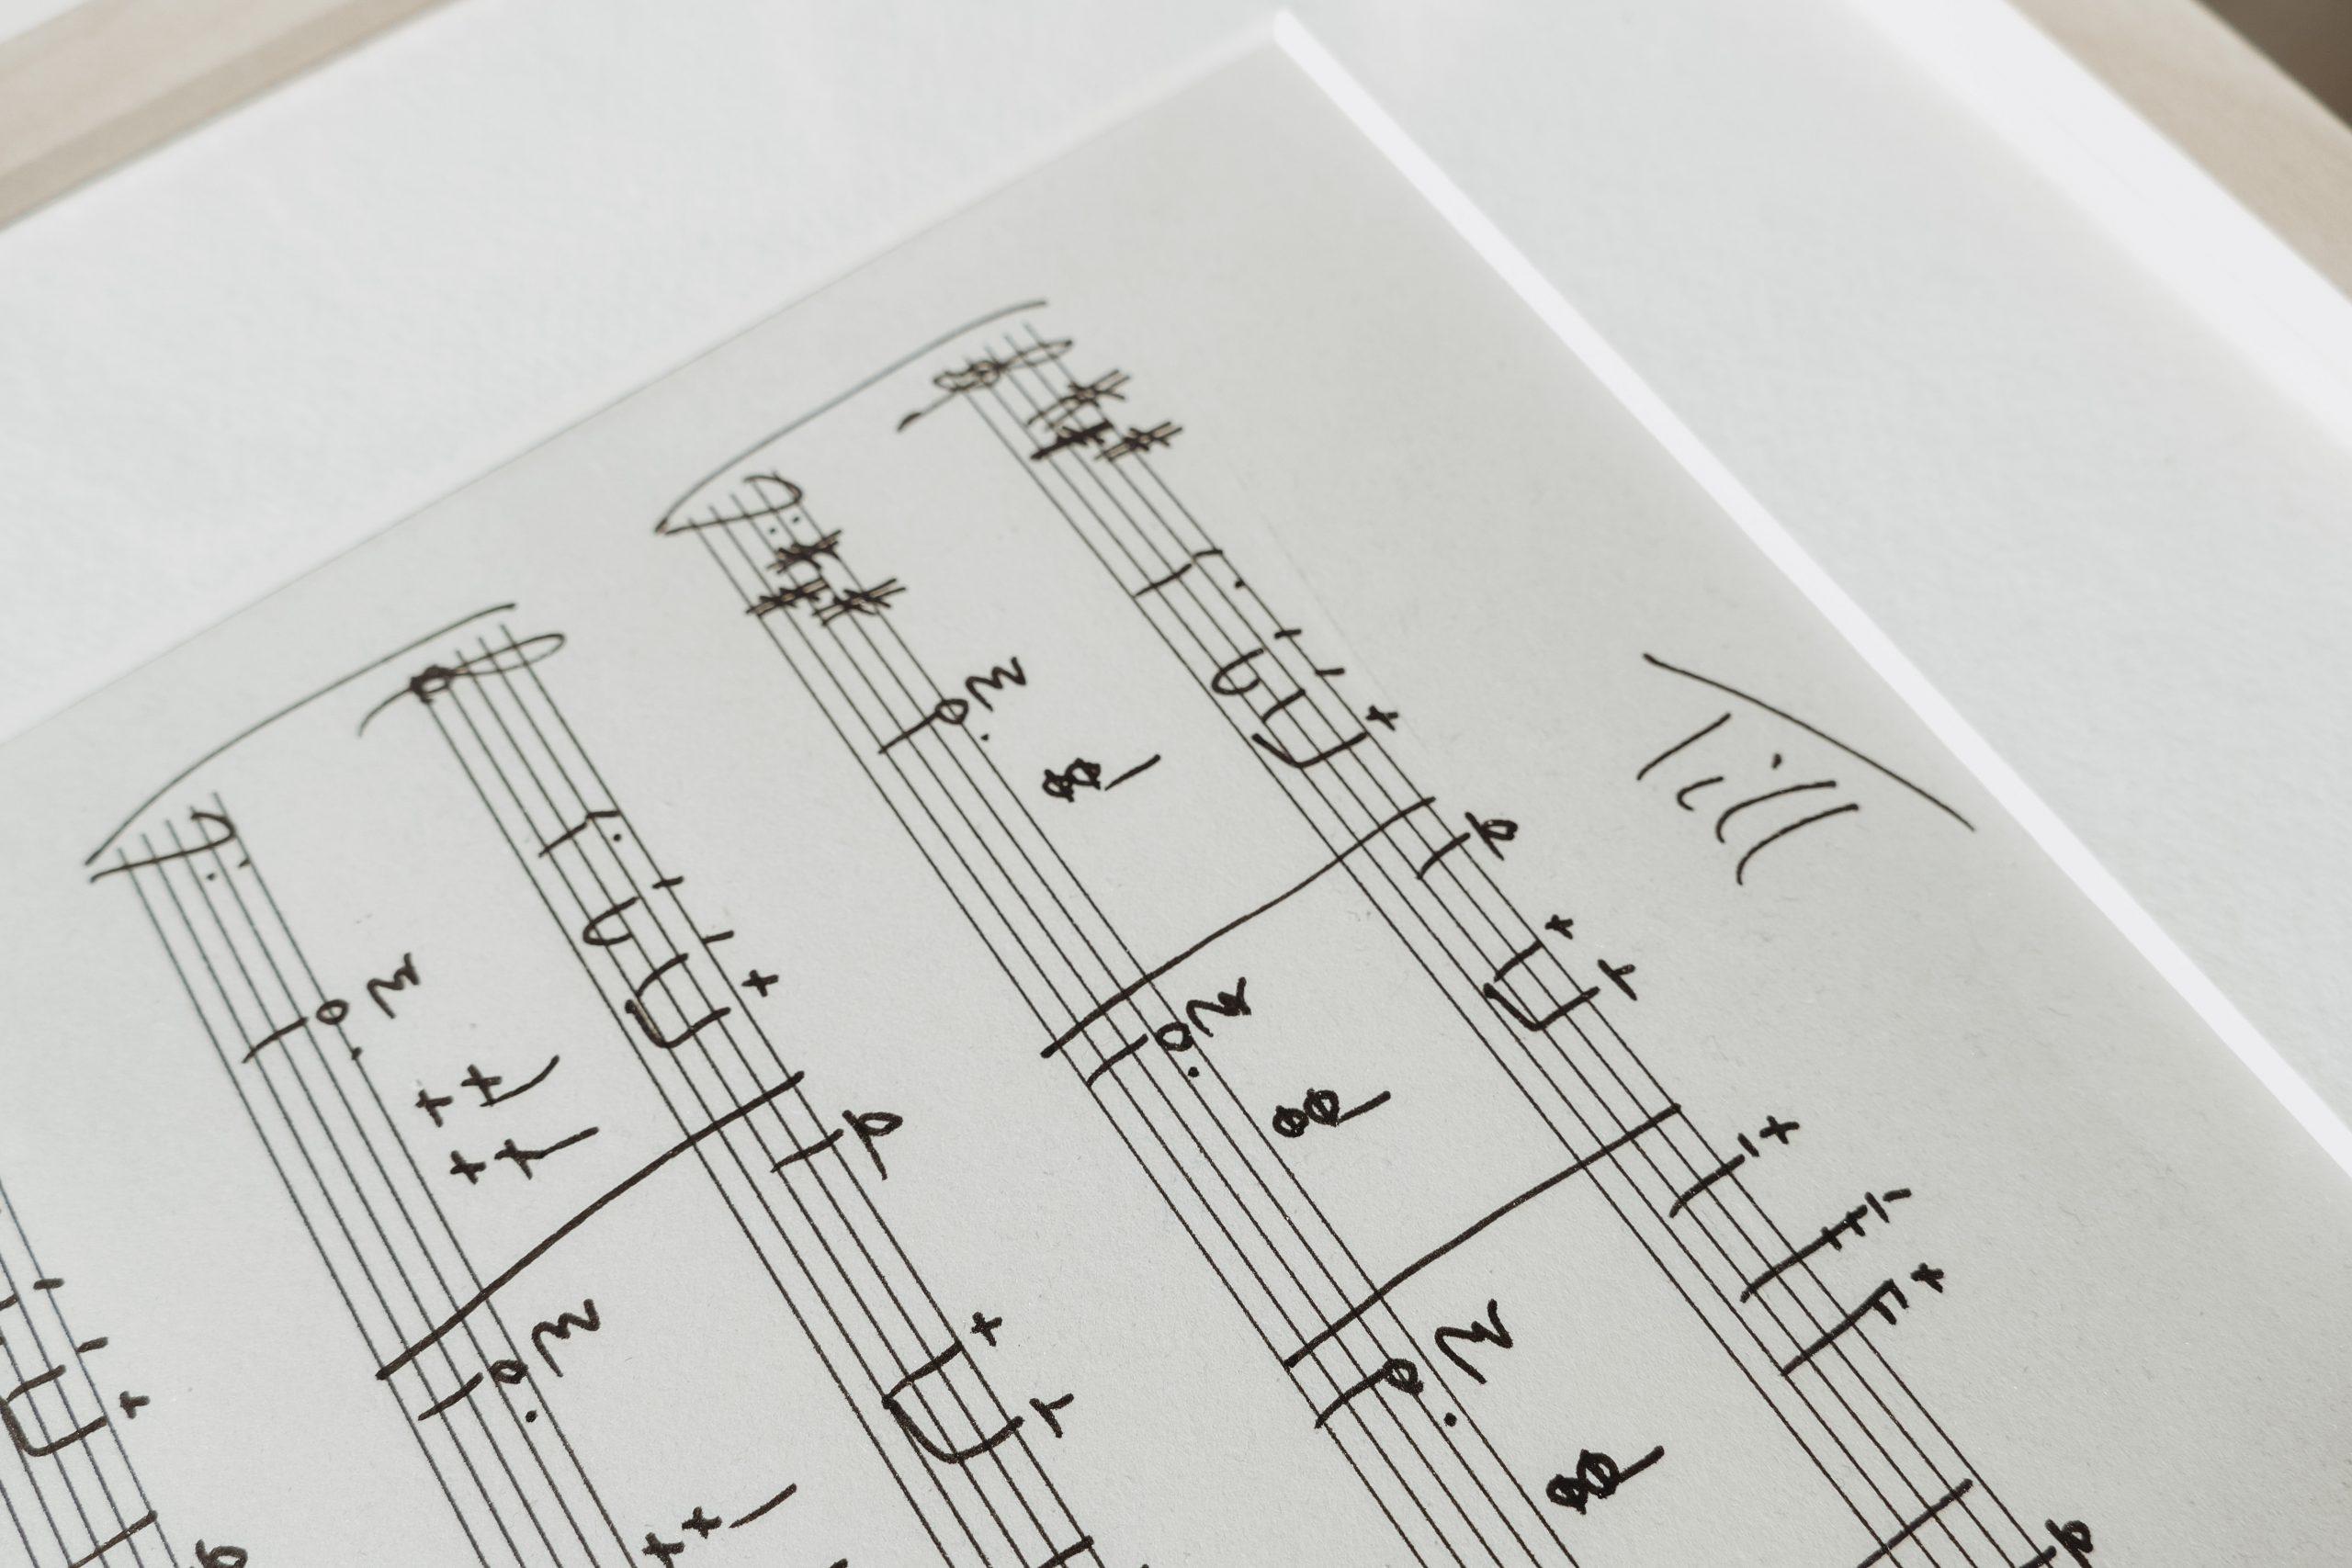 Eine Detailaufnahme eines Bilderrahmens mit handgeschriebenen Noten darin